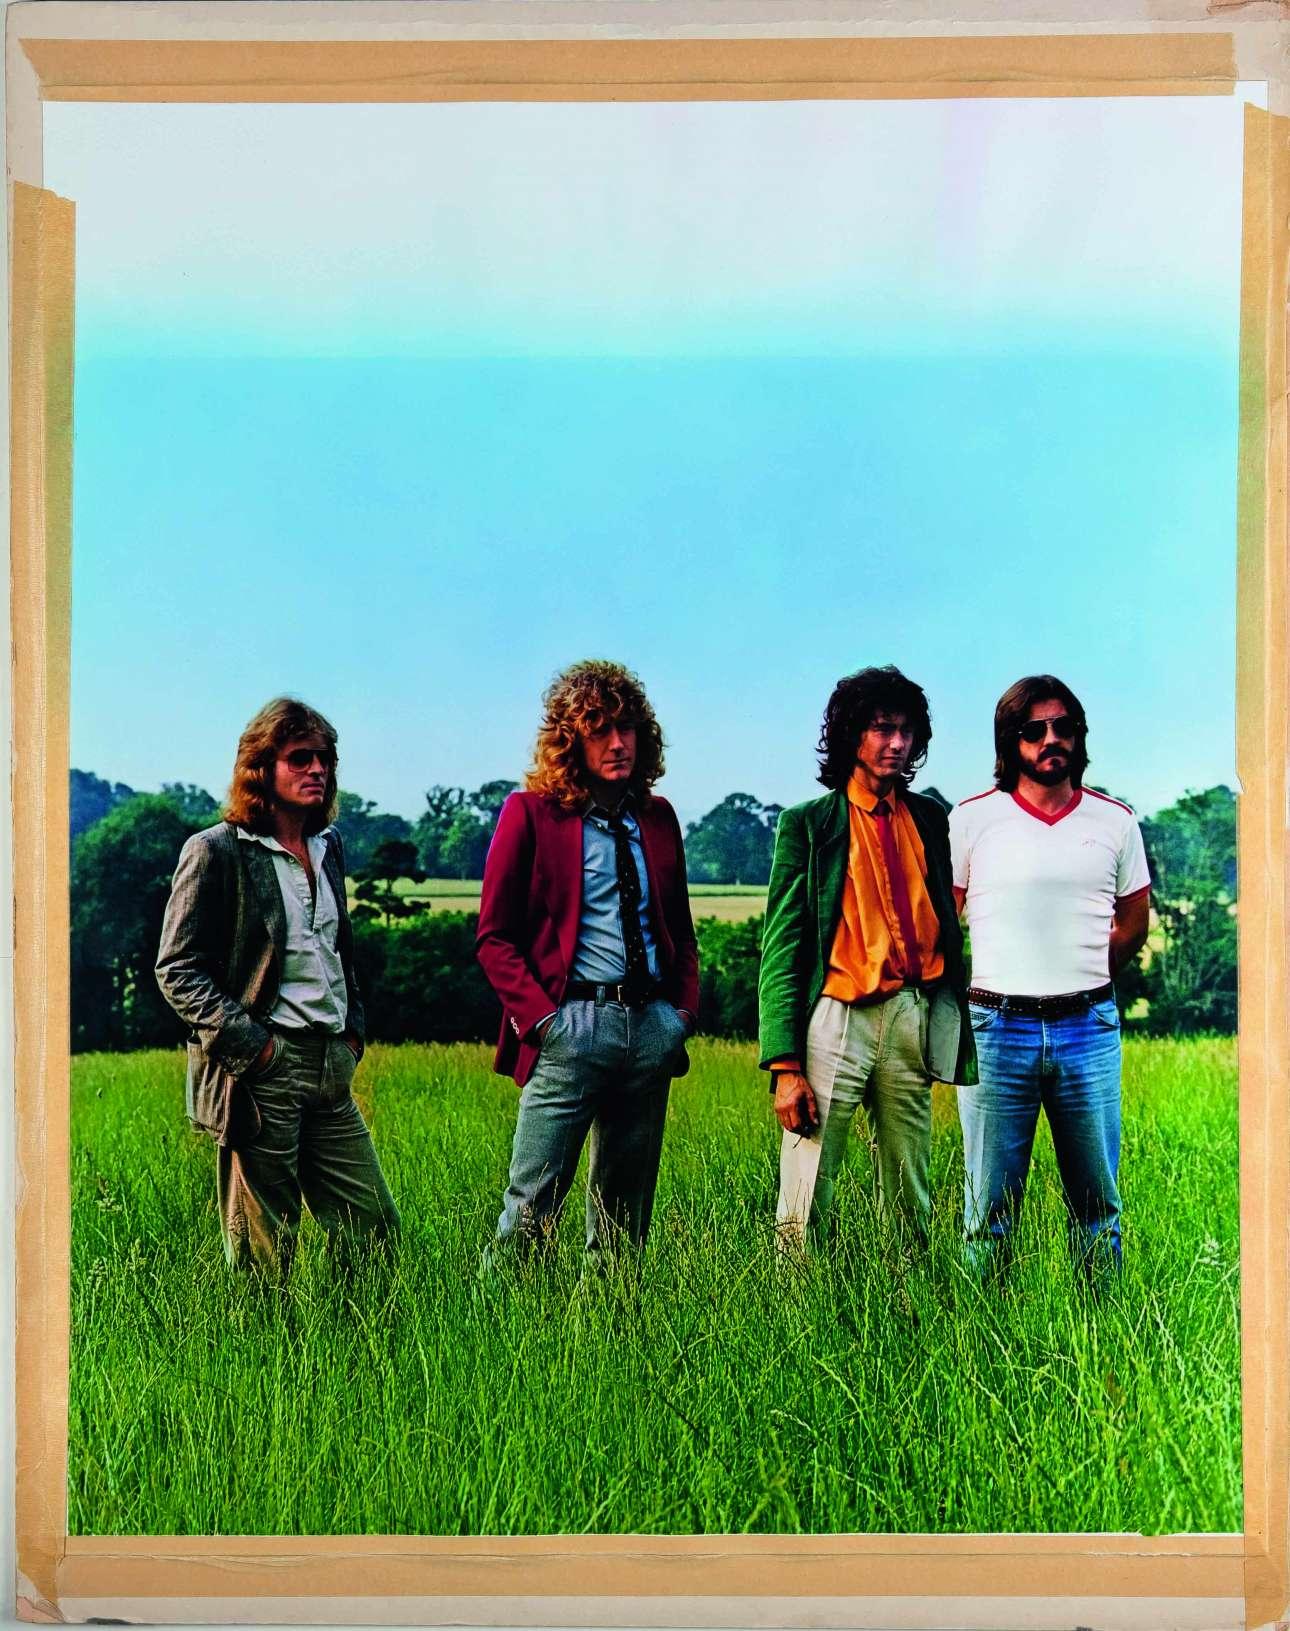 Στο βρετανικό χωριό Νέμπγουορθ το 1969, όπου το συγκρότημα έδωσε δύο τεράστιες συναυλίες